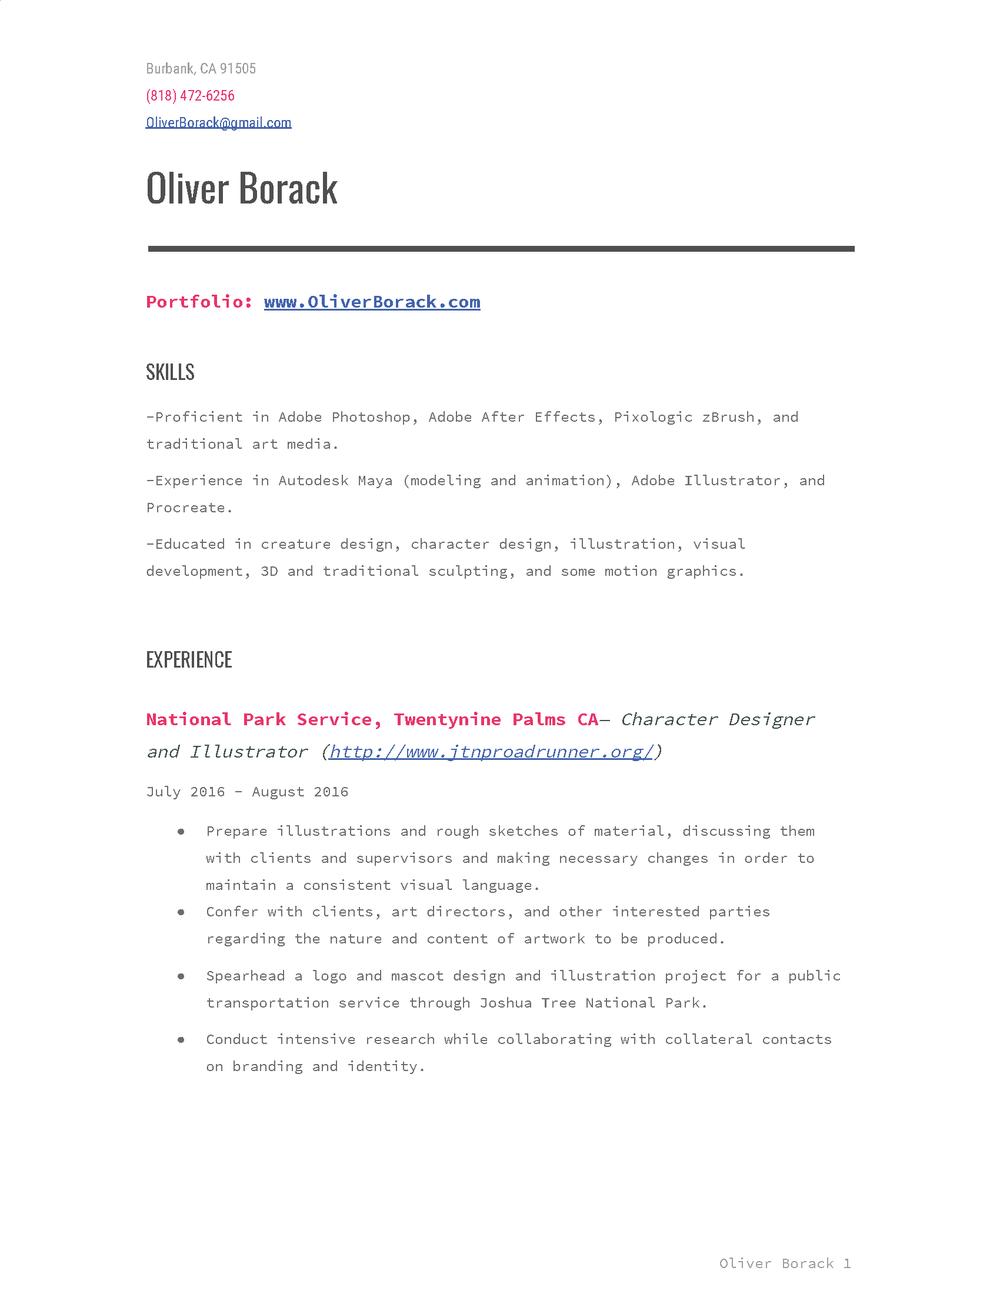 Oliver_Borack_Resume_Page_1.png